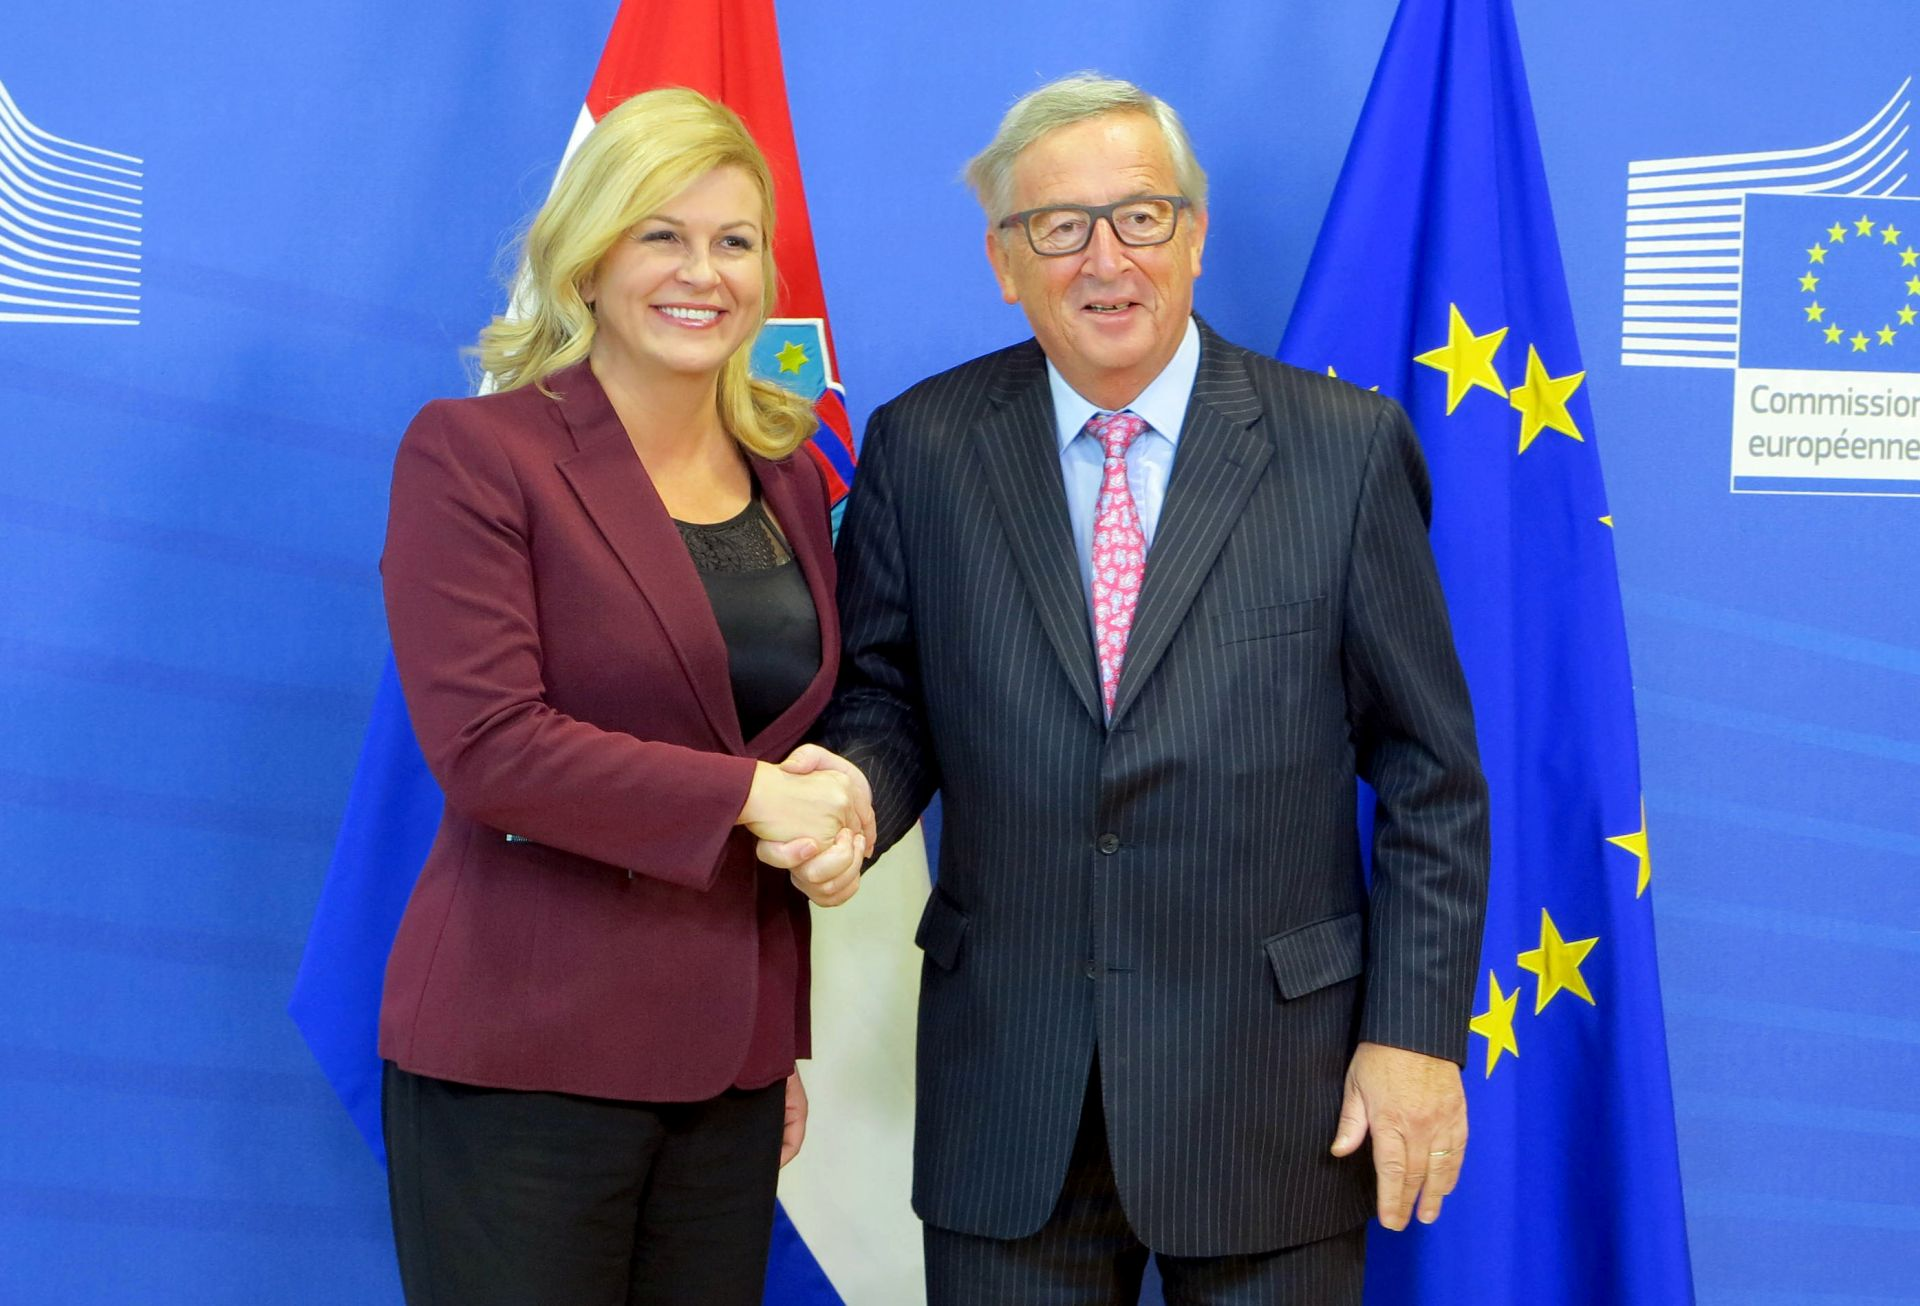 Predsjednica Grabar-Kitarović susretom s Junckerom započela posjet Bruxellesu